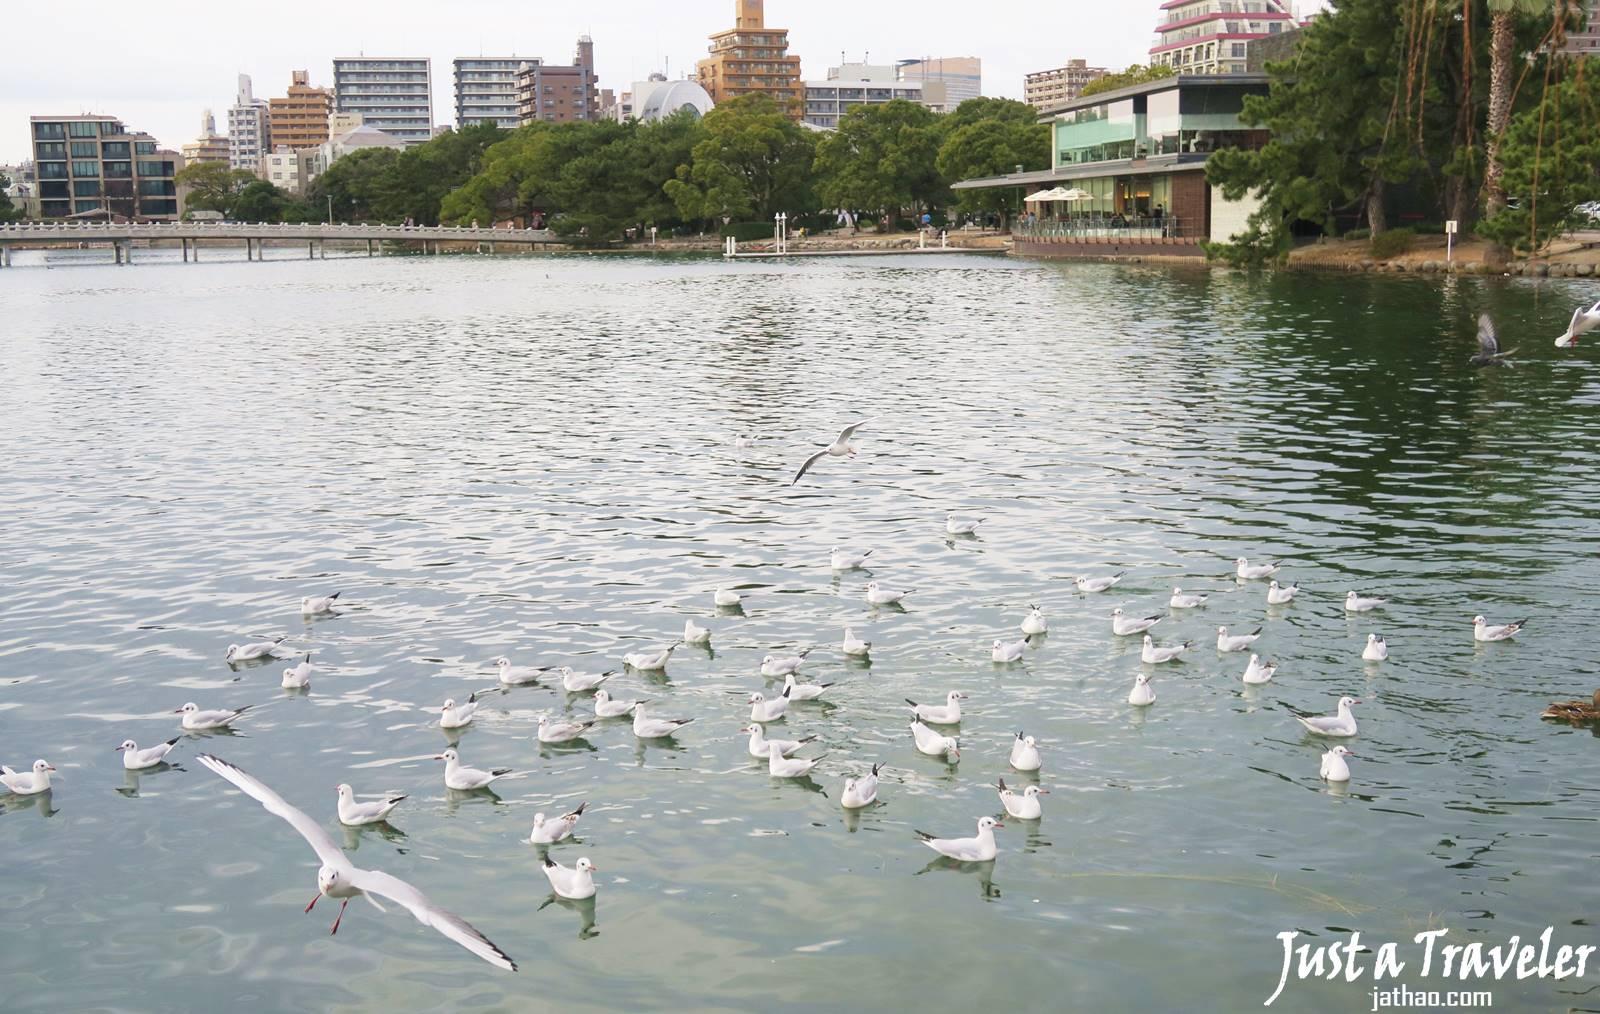 福岡-景點-推薦-大濠公園-福岡好玩景點-福岡必玩景點-福岡必去景點-福岡自由行景點-攻略-市區-郊區-福岡觀光景點-福岡旅遊景點-福岡旅行-福岡行程-Fukuoka-Tourist-Attraction